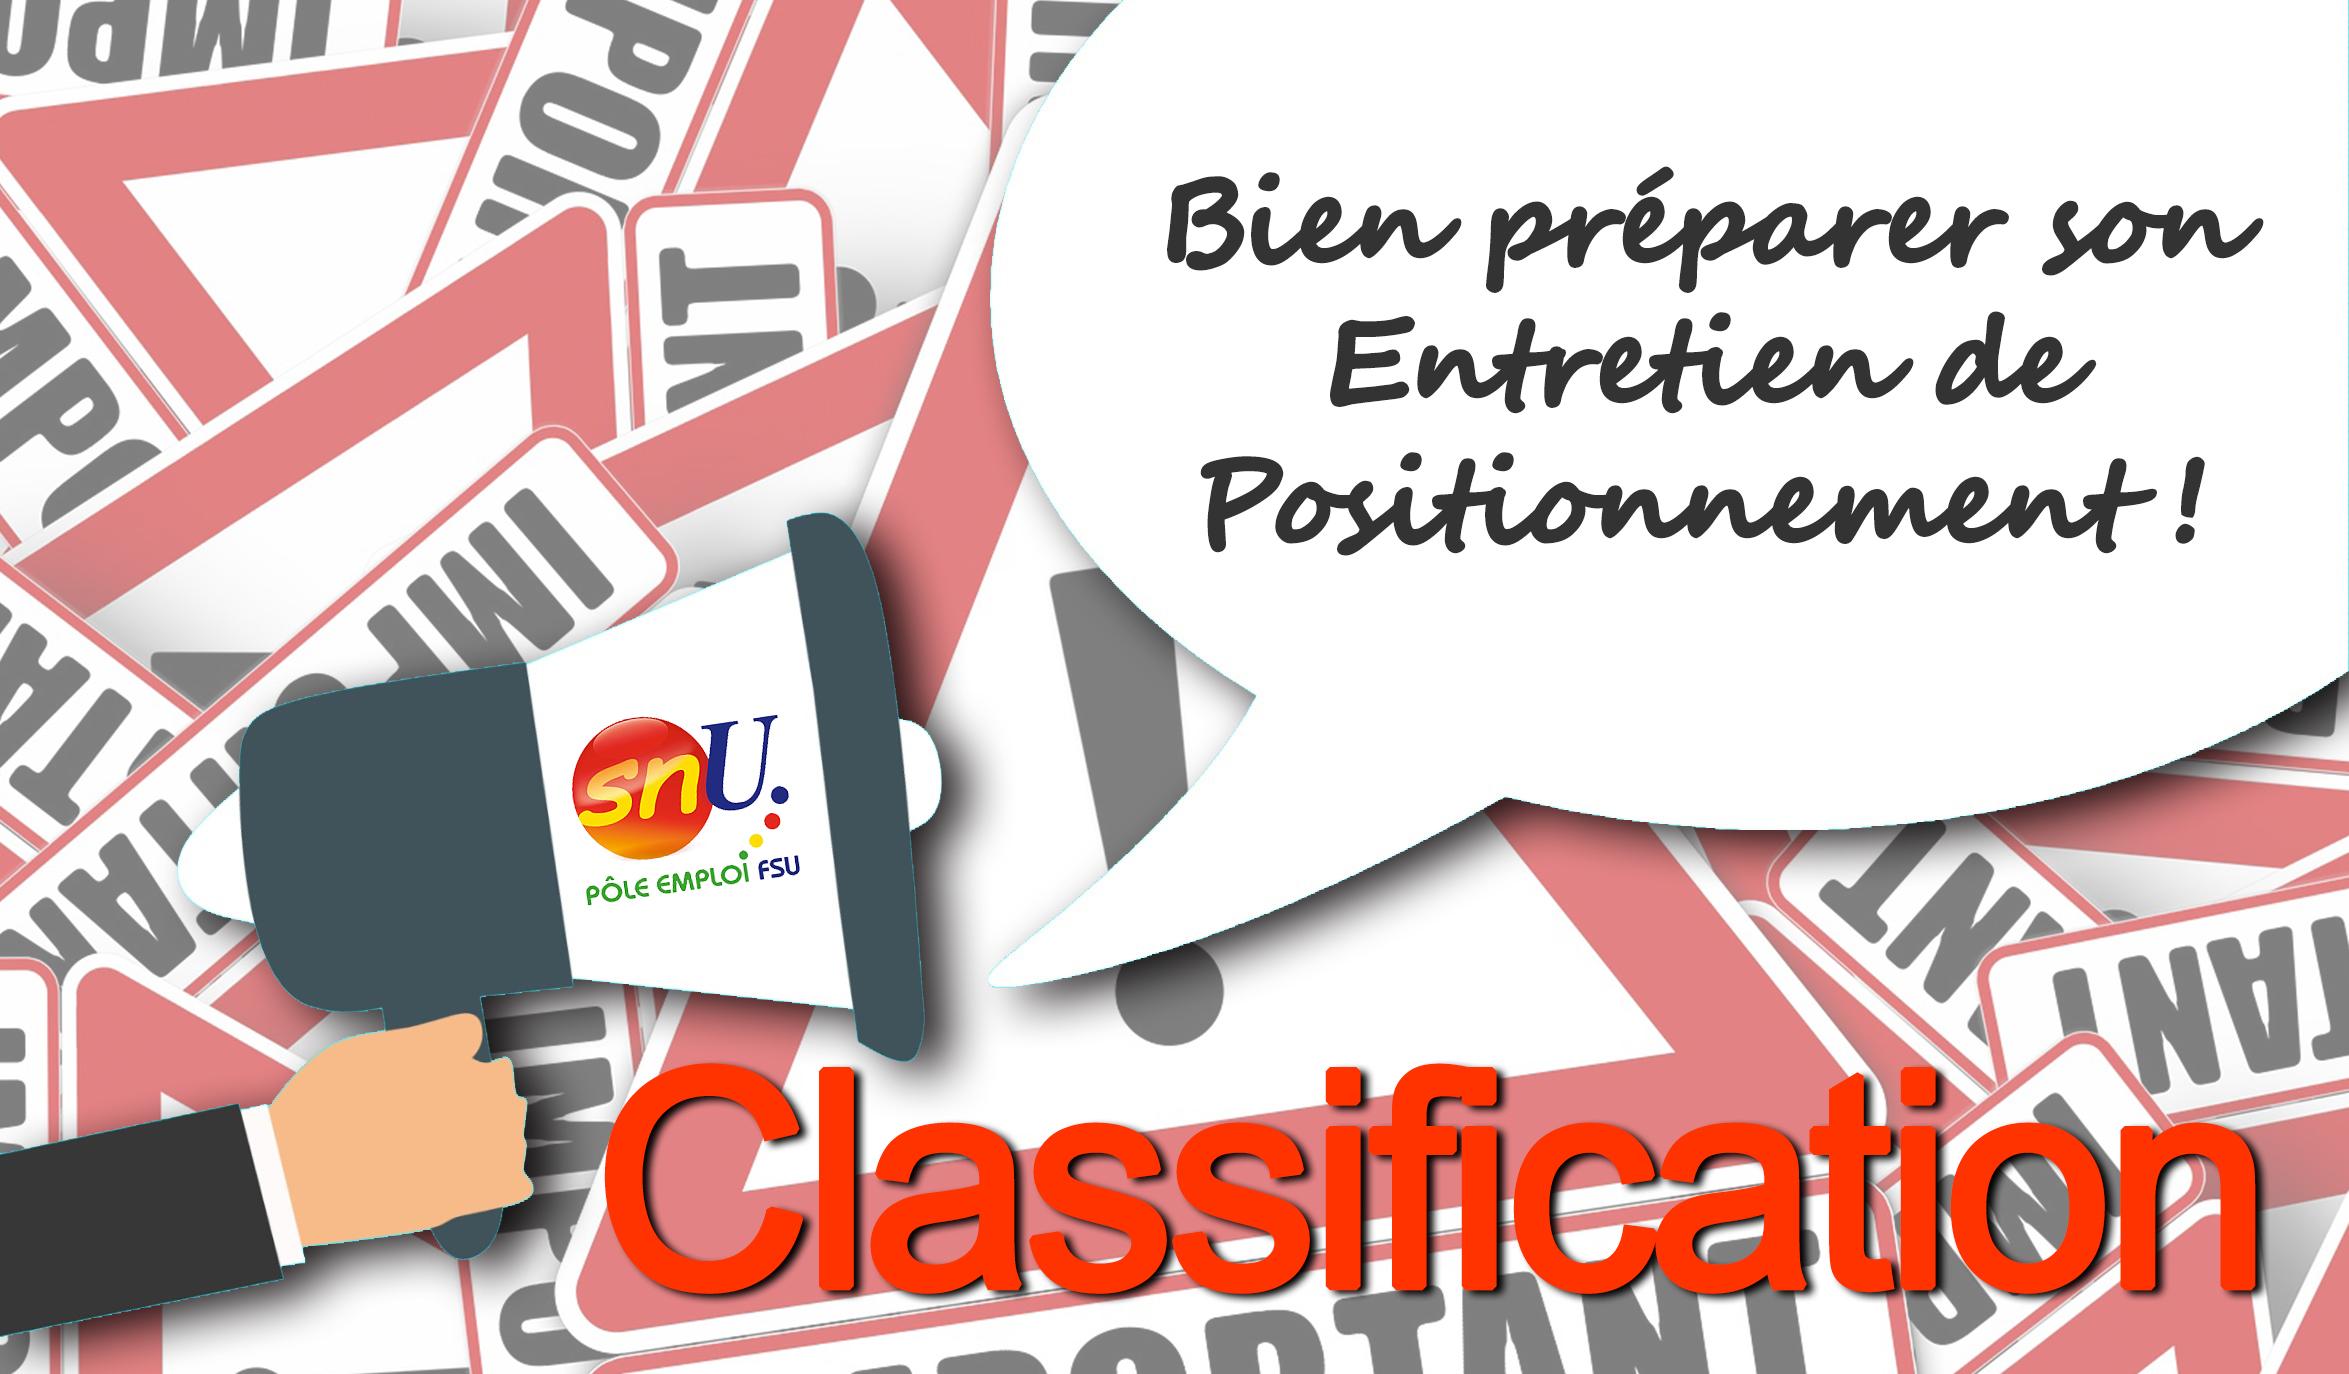 Classification : Positionnement et recours